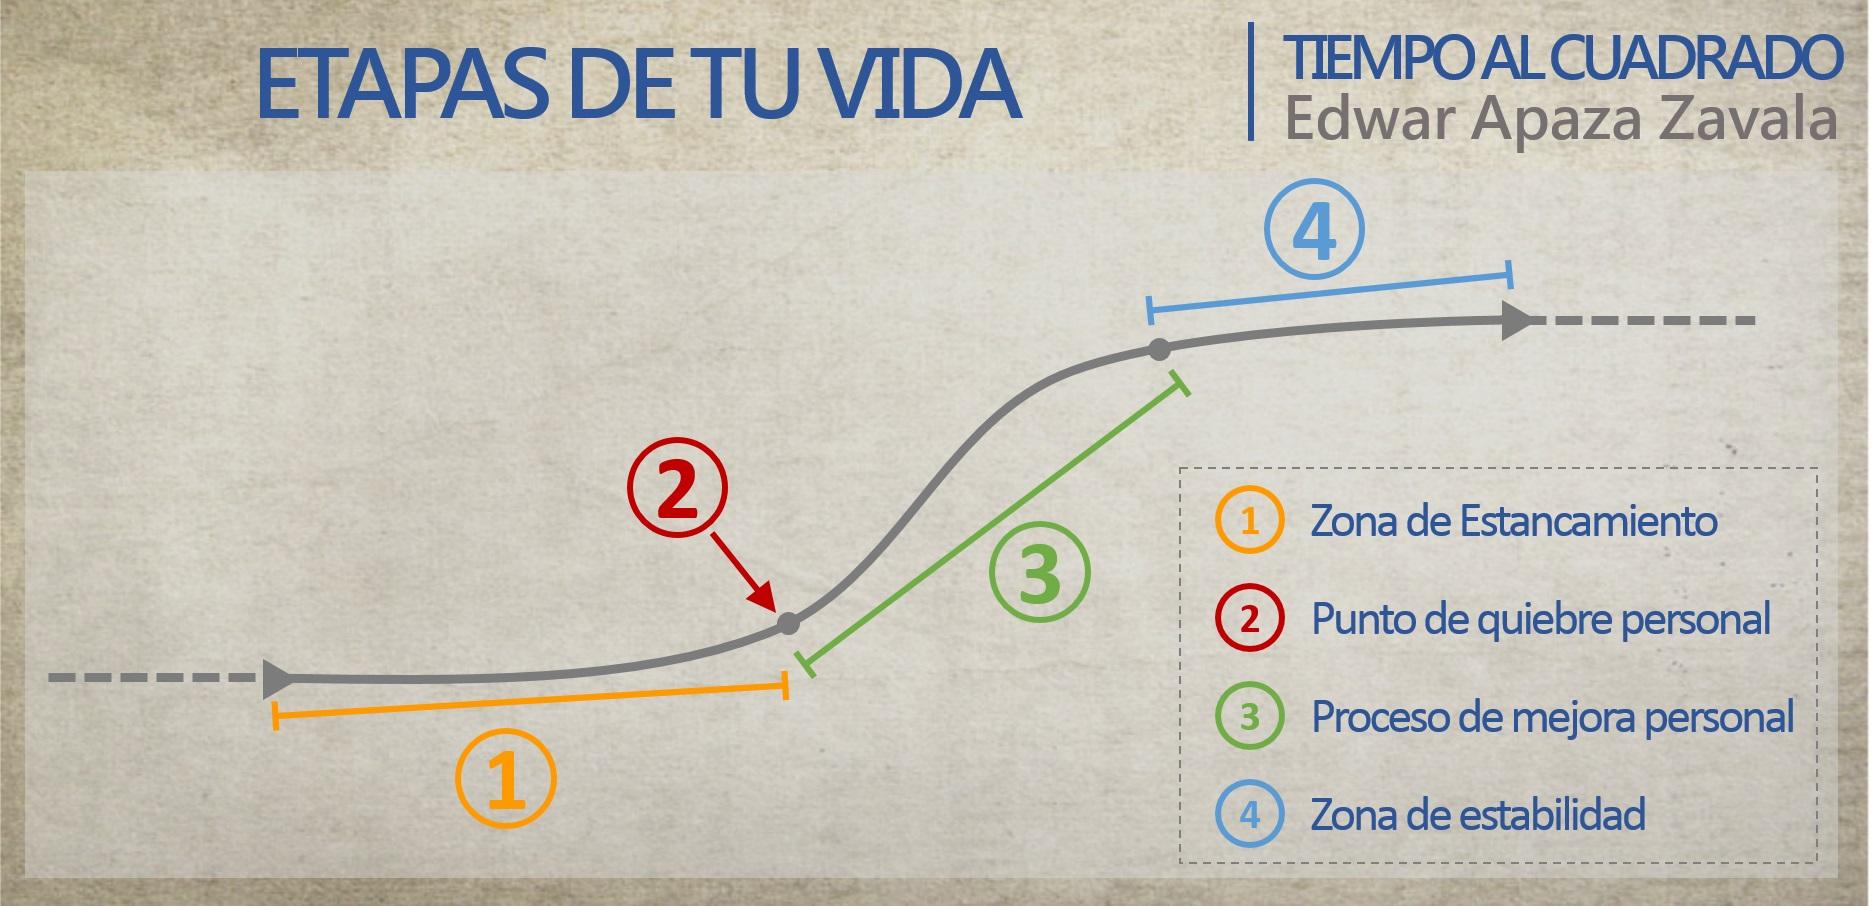 Las etapas que necesitas para evolucionar tu vida